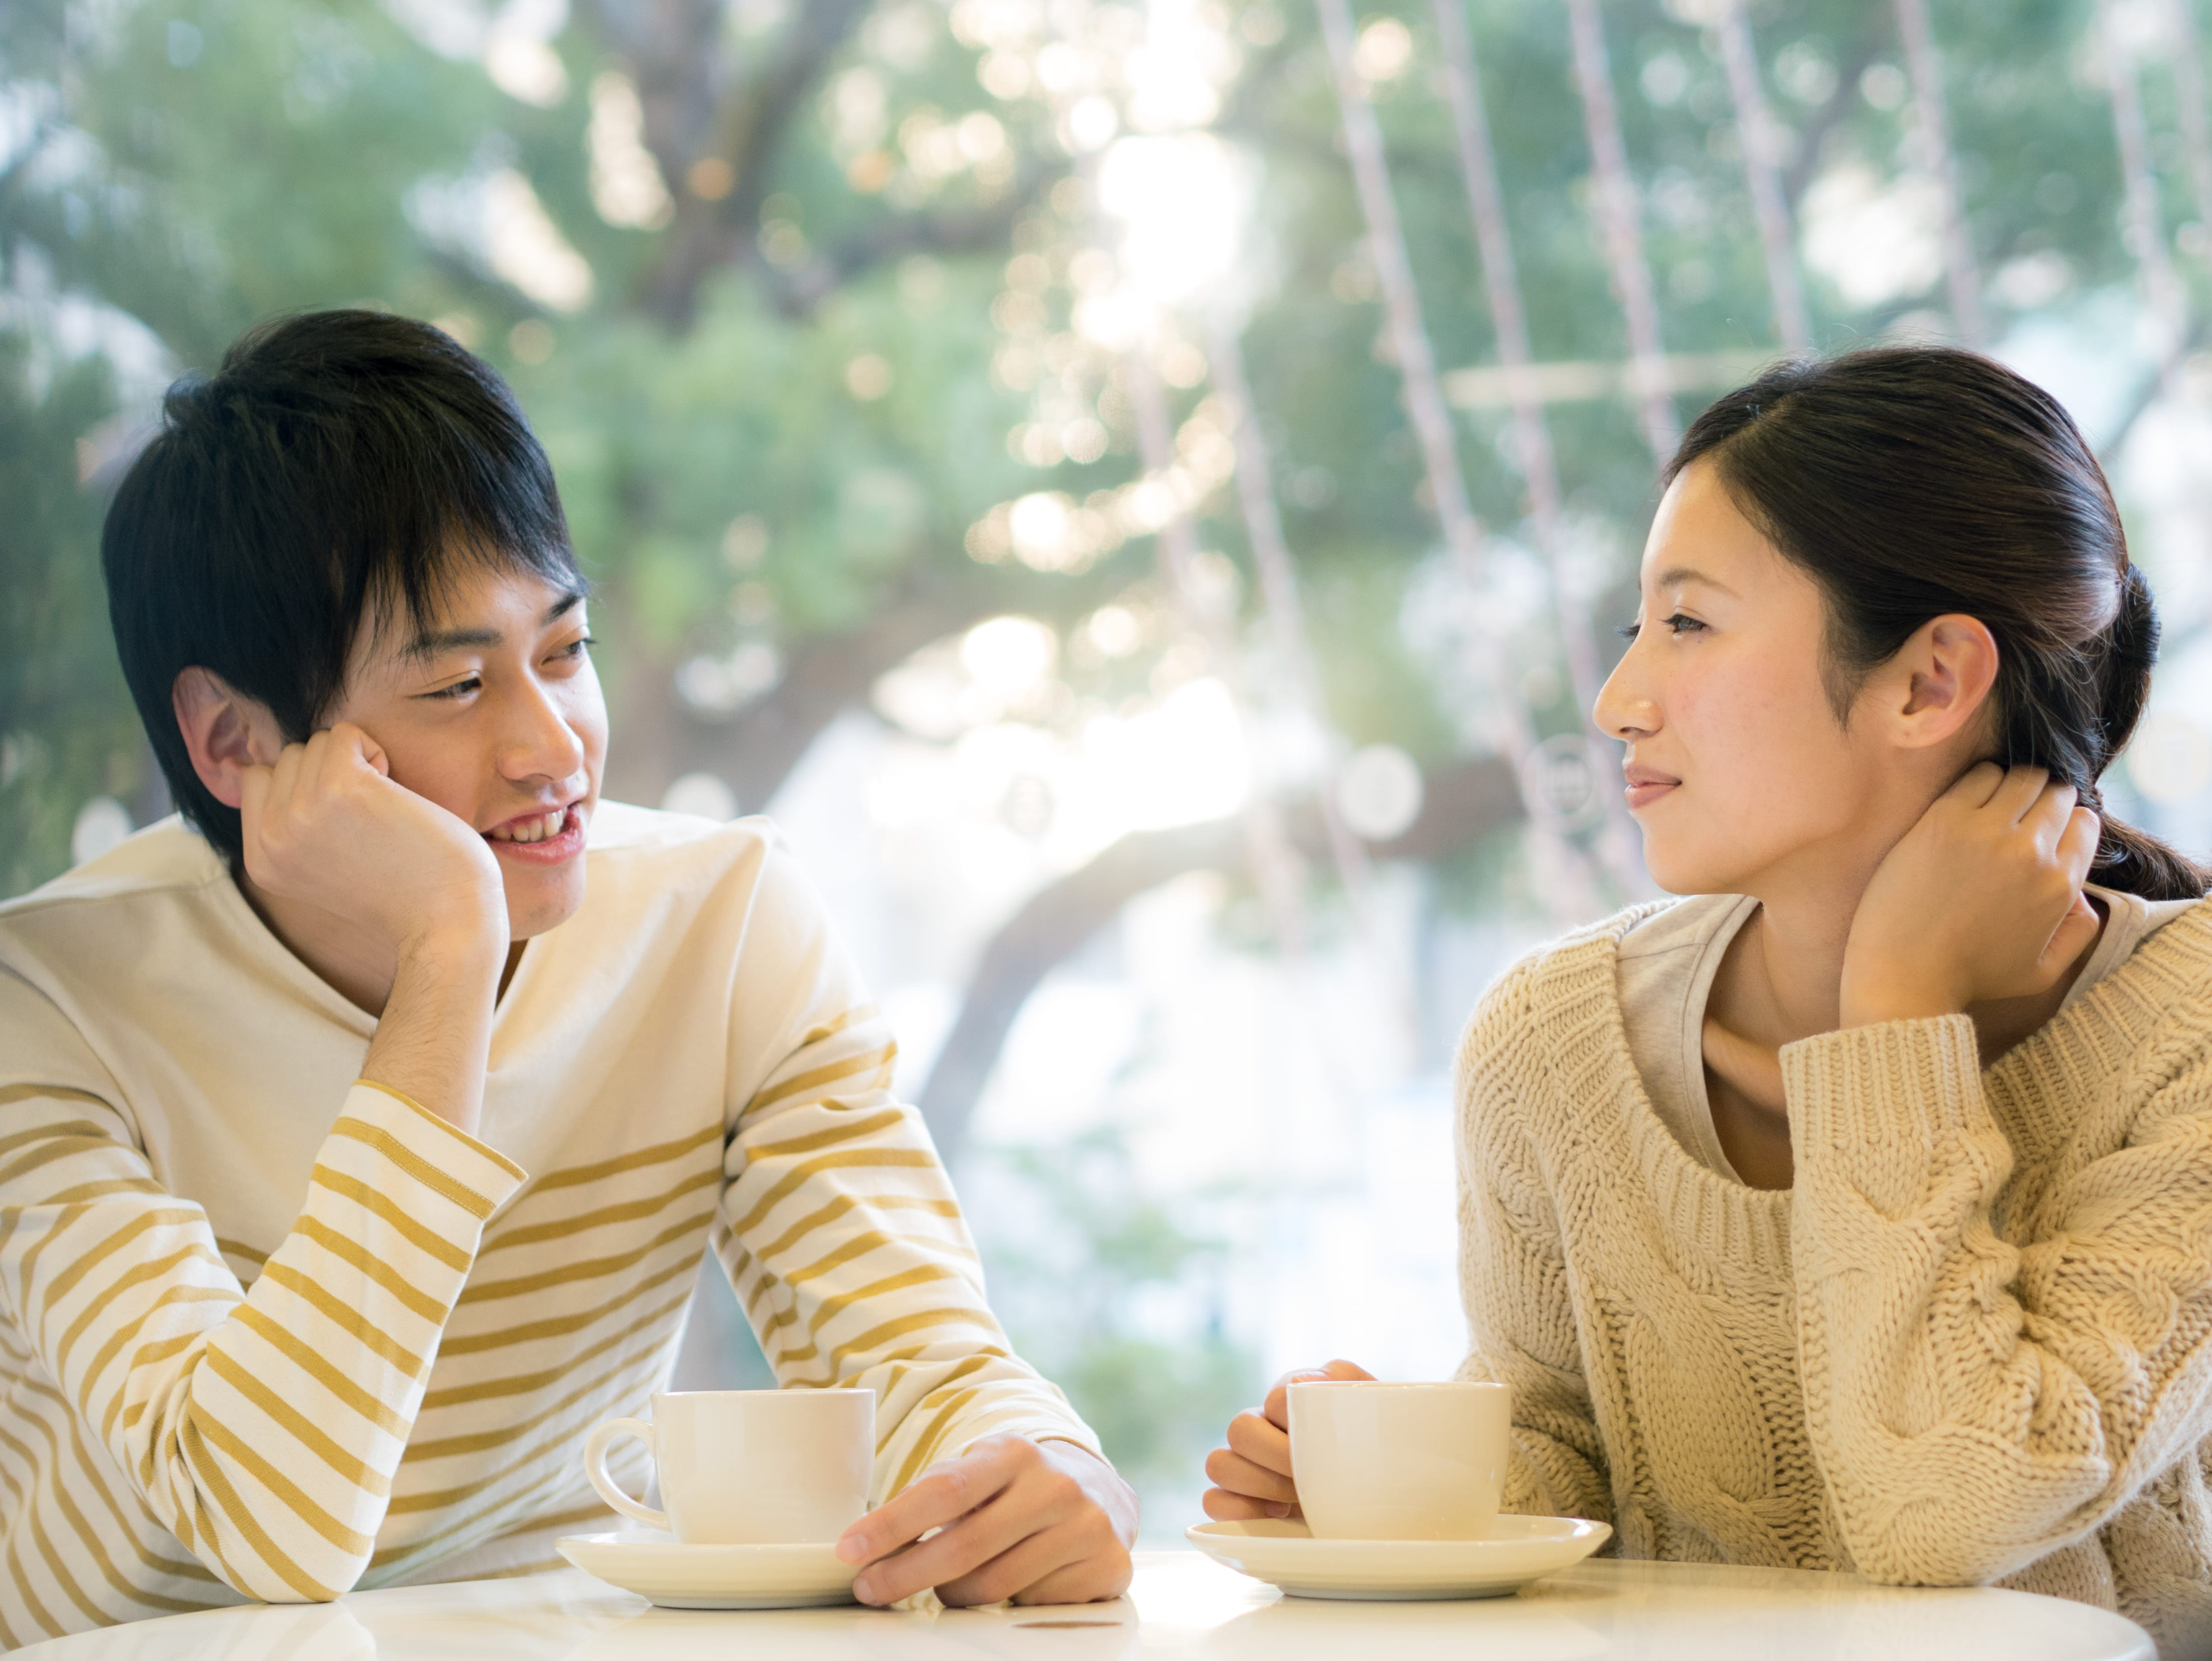 日本の女性世界一素敵キャッチ